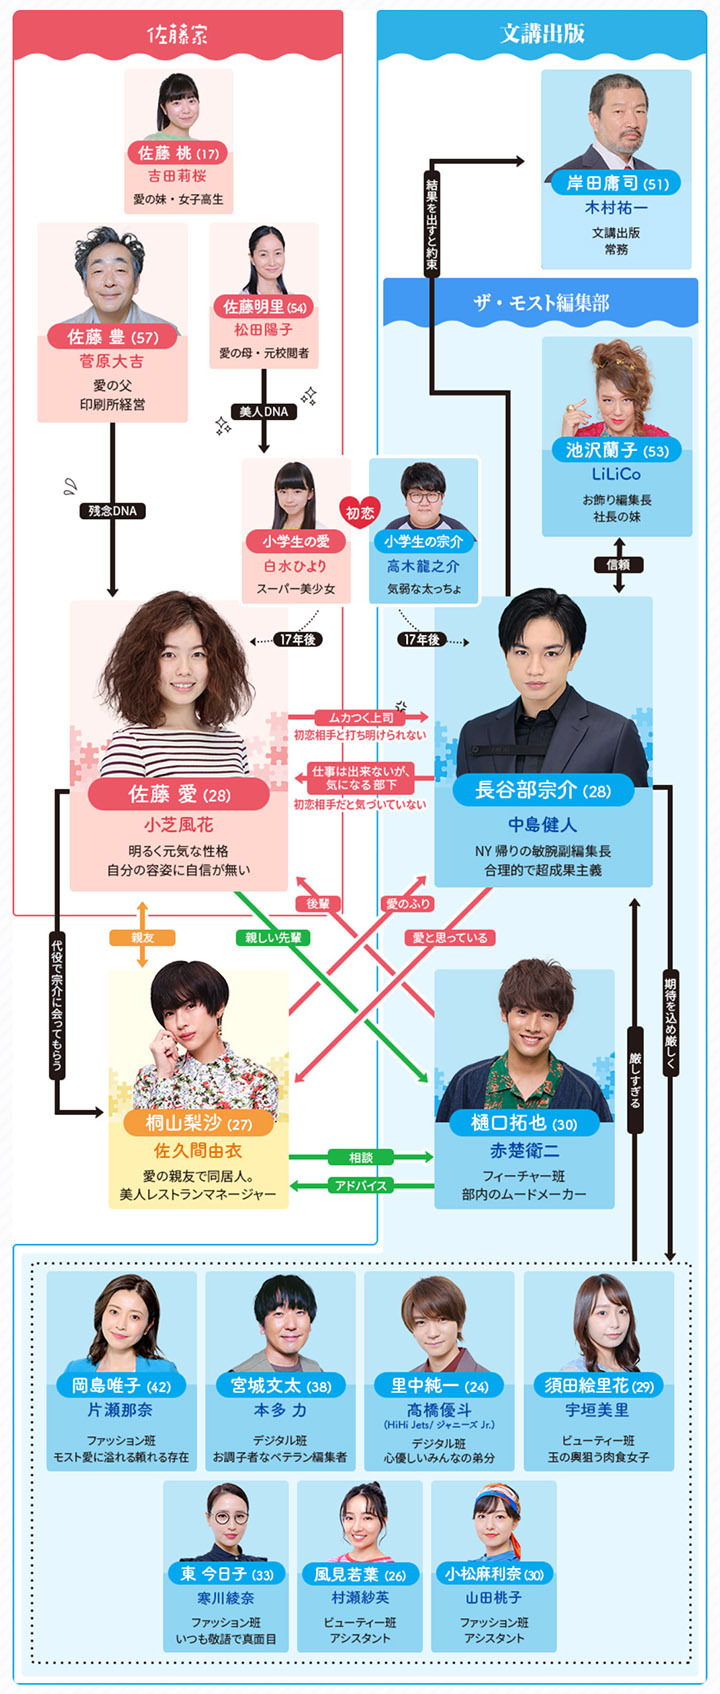 由中岛健人、小芝风花主演的超弱势又不擅长恋爱剧的火9《她很漂亮》正面挑战TBS火10 (6)